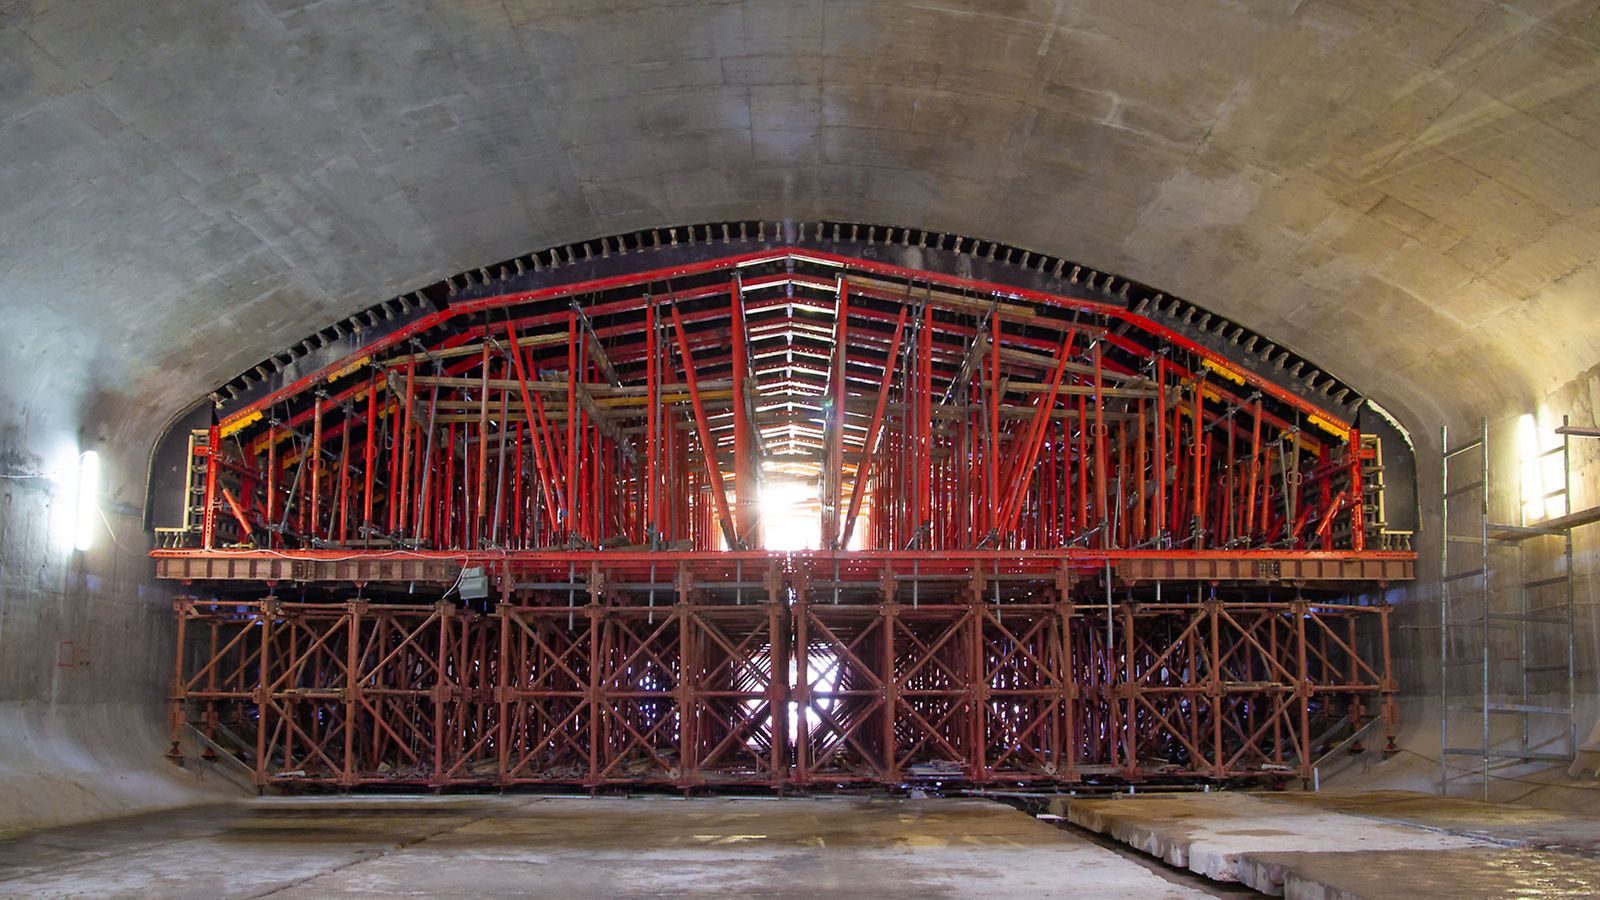 метро нижегородская, строительство туннелей, опалубка для туннелей, опалубка peri